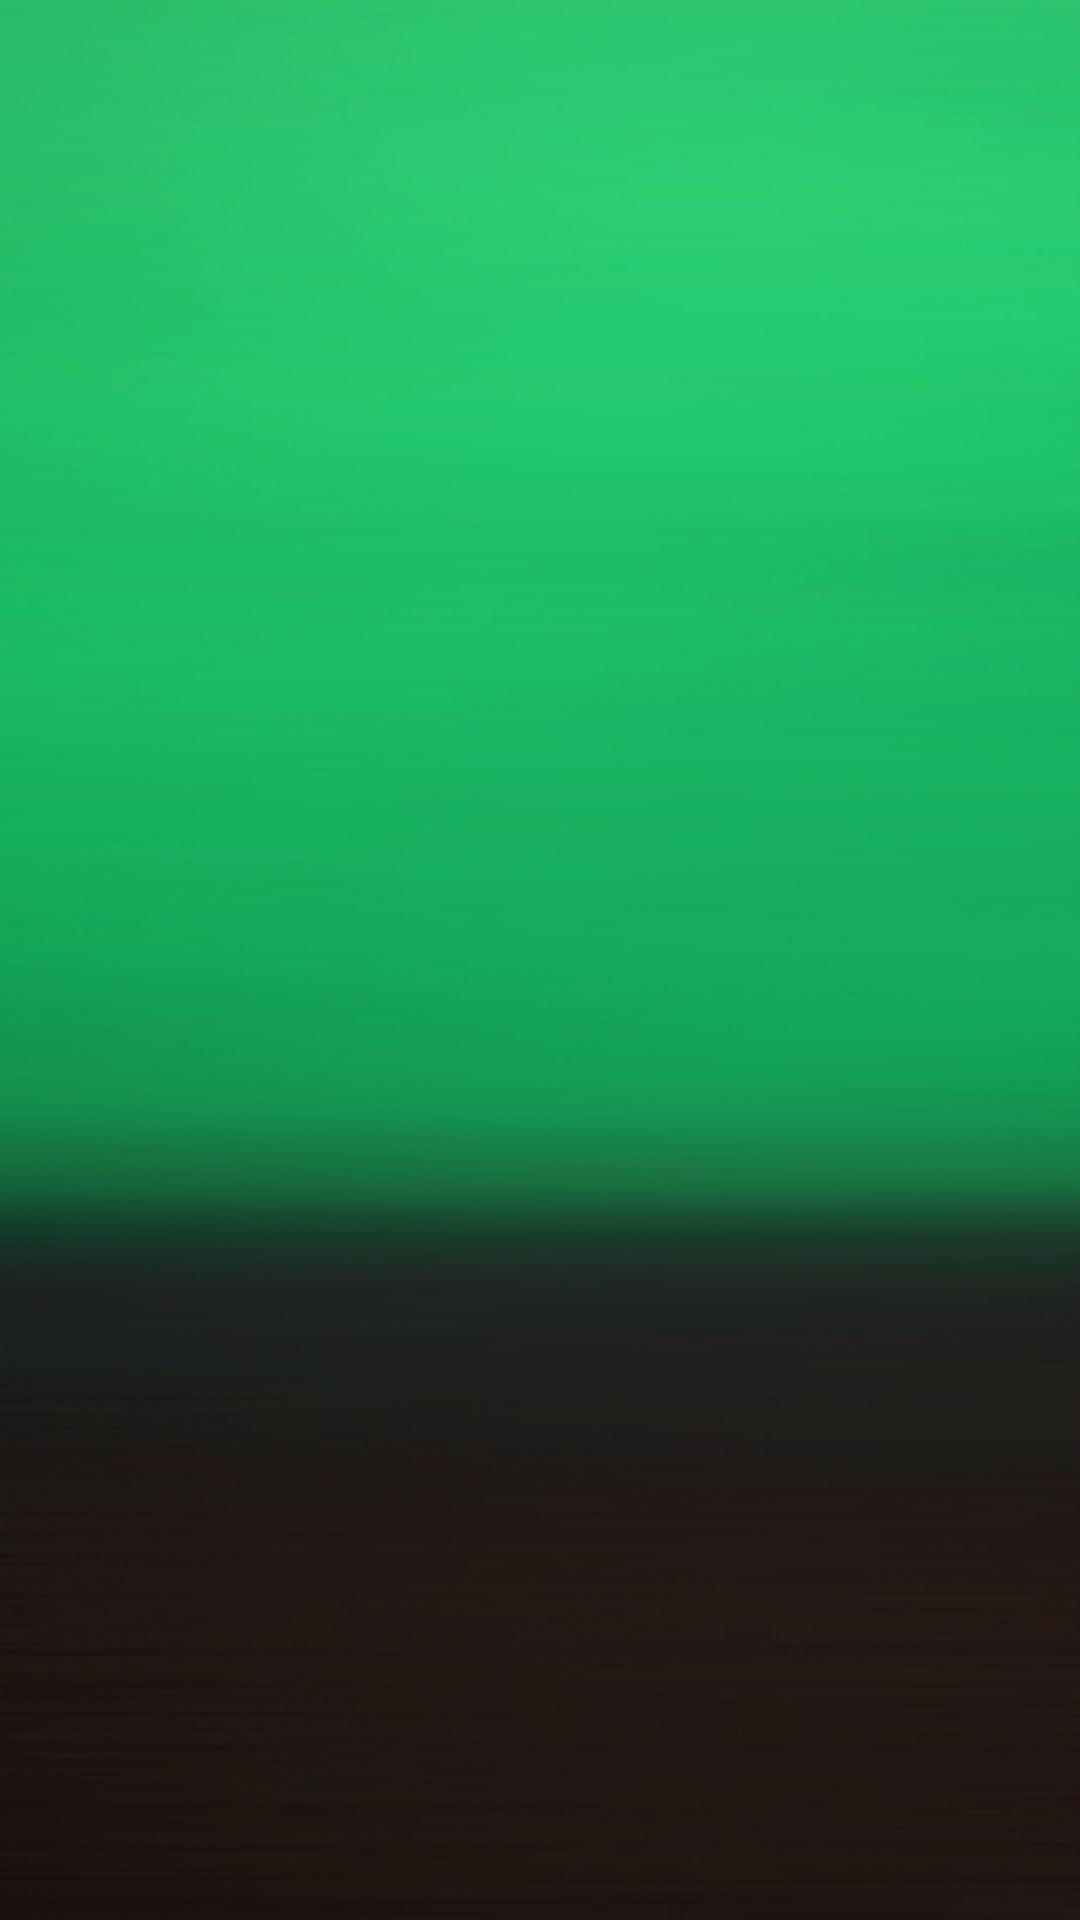 Motion Green Dark Gradation Blur Iphone 6 Wallpaper Download Iphone Wallpapers Ipad Wallpaper Cool Wallpapers For Phones Iphone Wallpaper Iphone 6 Wallpaper